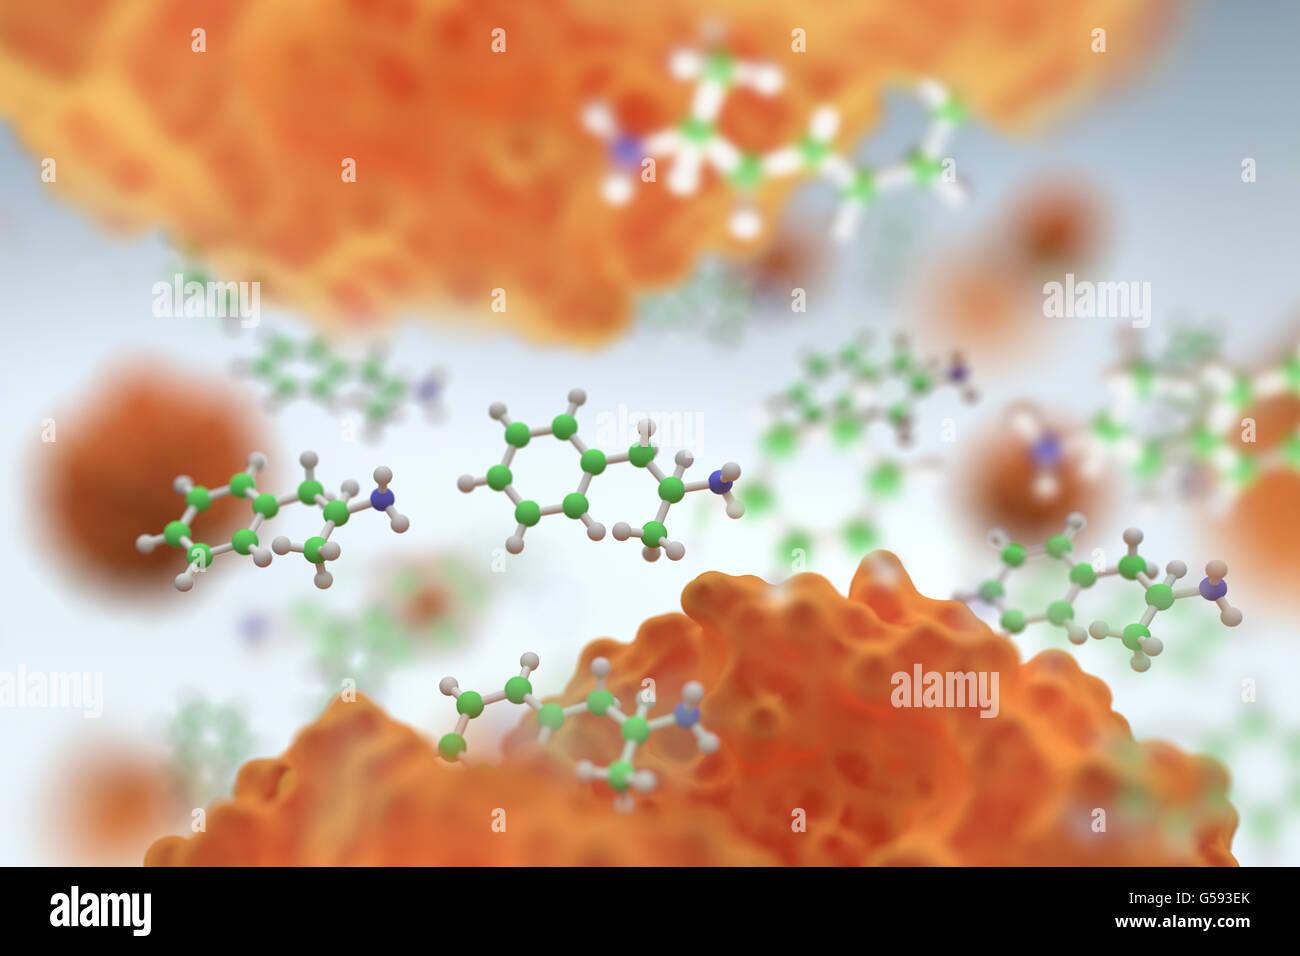 Amphetamin (in grün), ist eine synthetische Droge, ein potenter ...